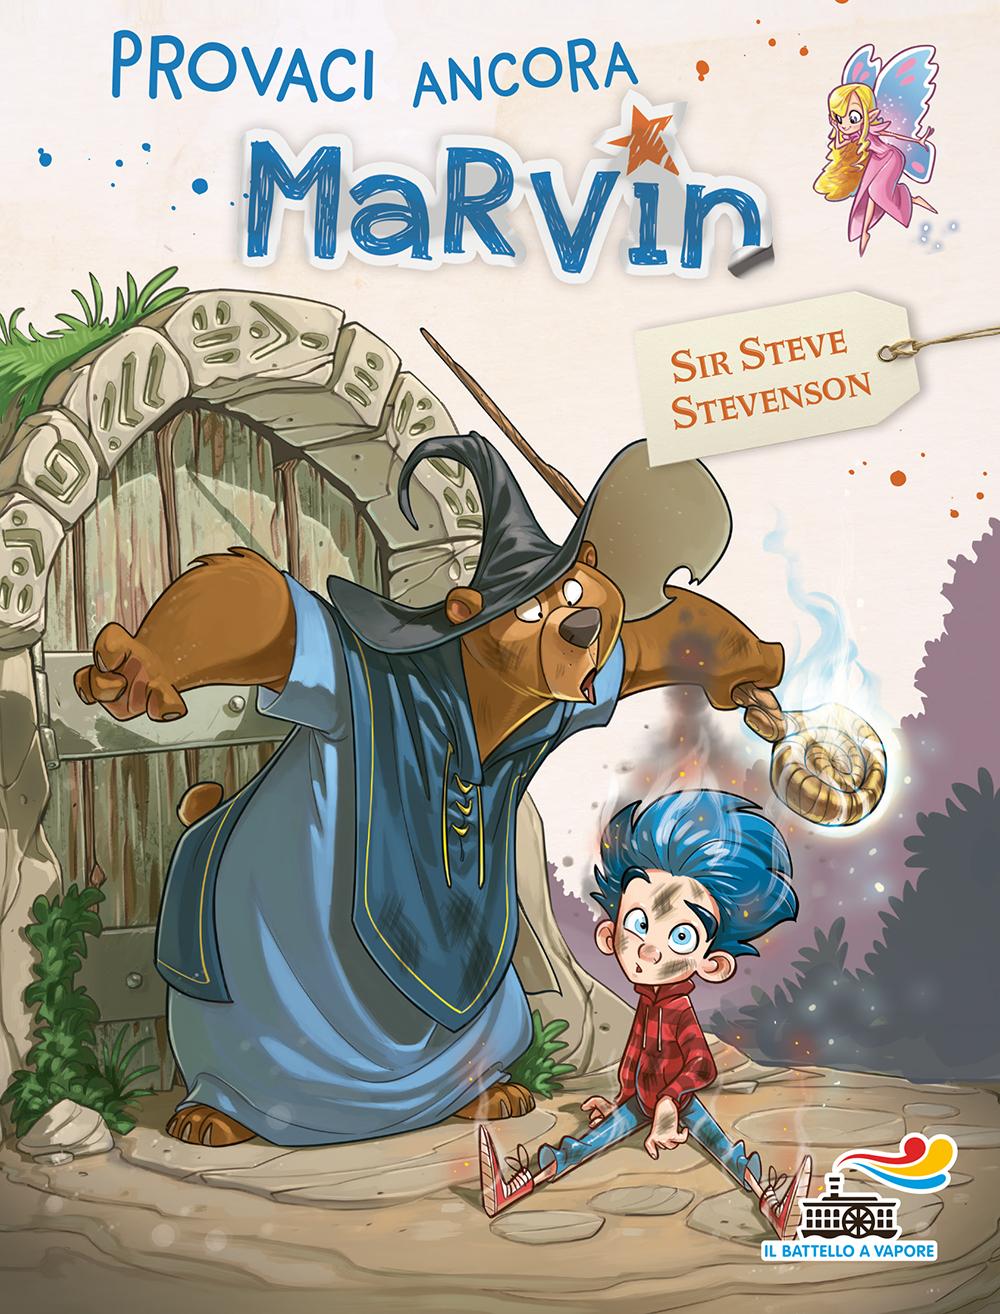 Provaci ancora Marvin! – Marvin vol. 1